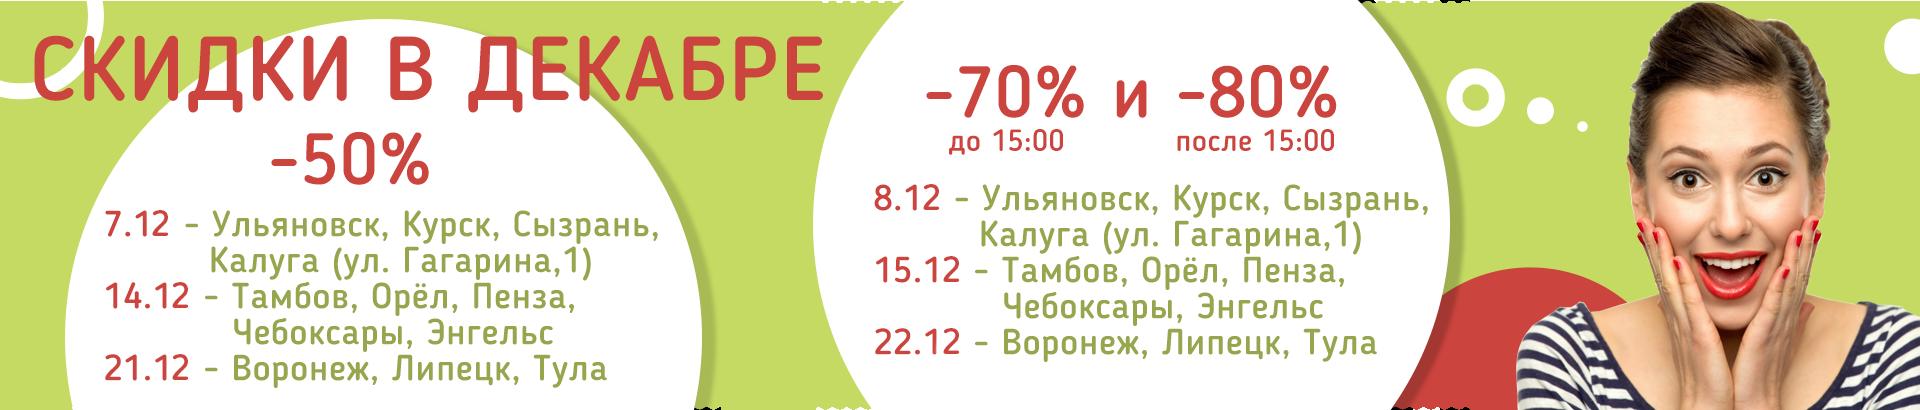 жалей секонд хенд вова в спб Санкт-Петербурге: